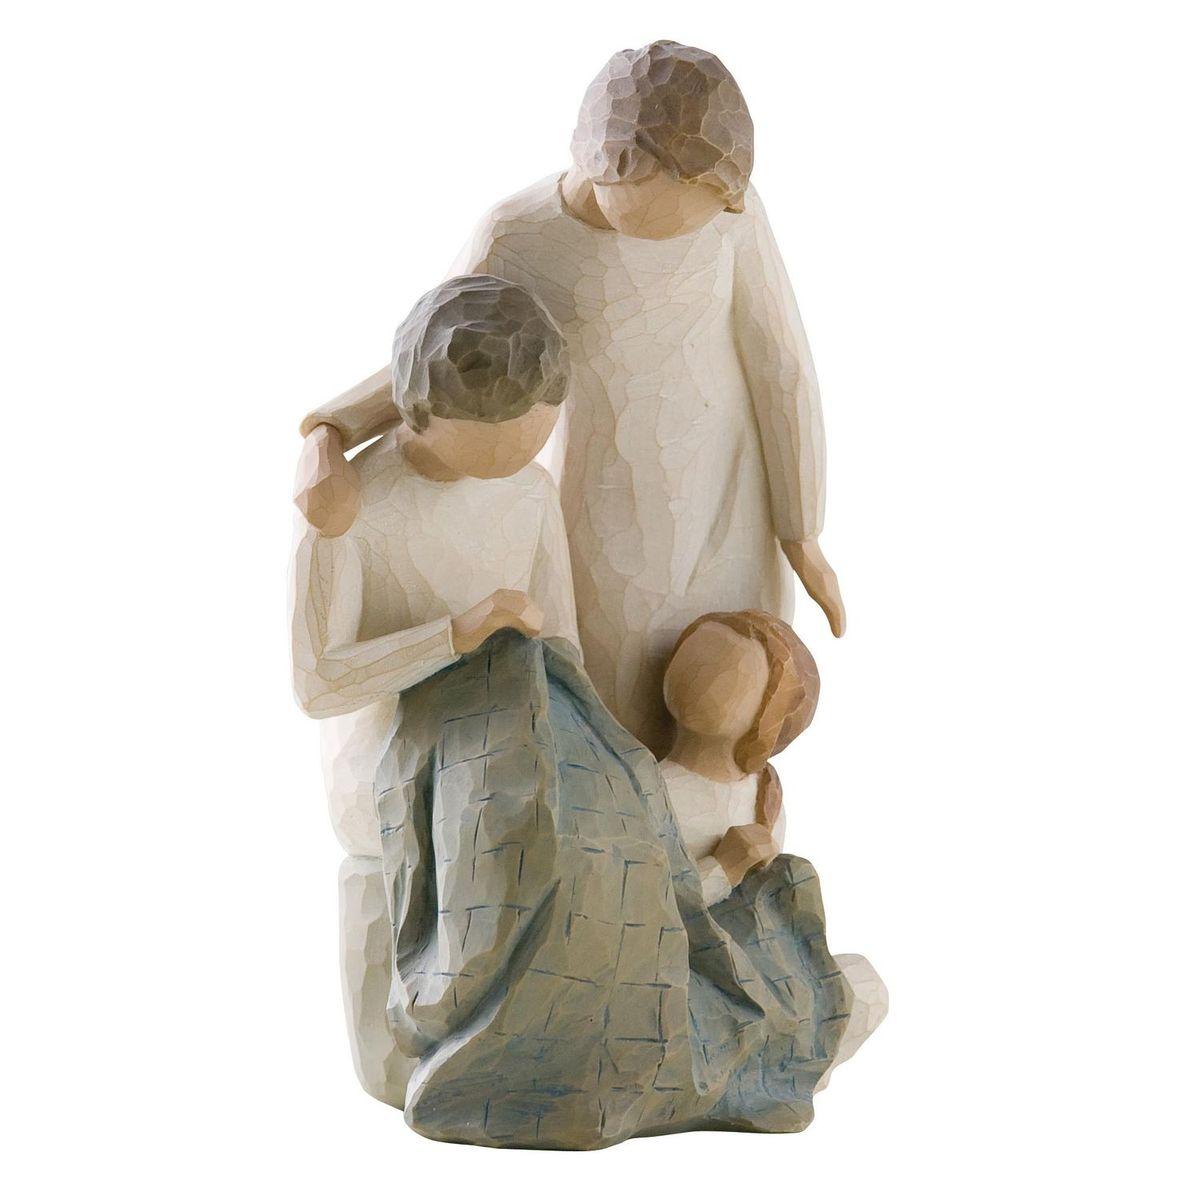 Фигурка Willow Tree Поколения, 18 см26167Эти прекрасные статуэтки созданы канадским скульптором Сьюзан Лорди. Каждая фигурка – это настоящее произведение искусства, образная скульптура в миниатюре, изображающая эмоции и чувства, которые помогают нам чувствовать себя ближе к другим, верить в мечту, выражать любовь. Каждая фигурка помещена в красивую упаковку. Купить такой оригинальный подарок, значит не только украсить интерьер помещения или жилой комнаты, но выразить свое глубокое отношение к любимому человеку. Этот прекрасный сувенир будет лучшим подарком на день ангела, именины, день рождения, юбилей. Материал: Искусственный камень (49% карбонат кальция мелкозернистой разновидности, 51% искусственный камень)